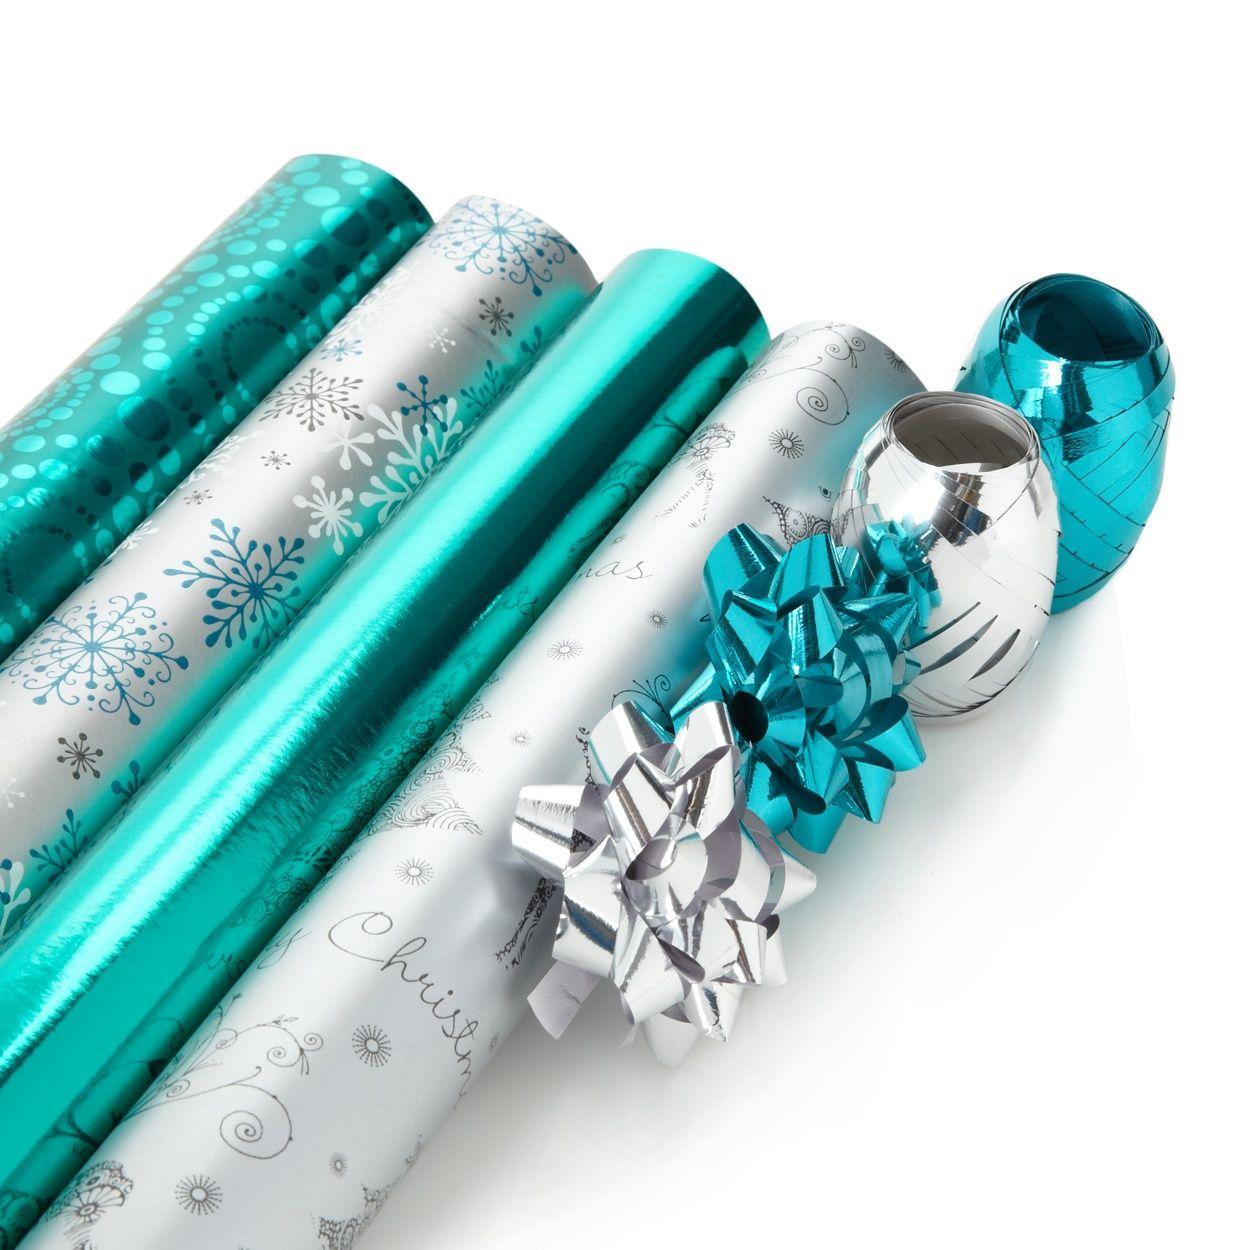 Debenhams Silver And Turquoise Christmas Wrapping Paper Set At Debenhams Com Turquoise Christmas Christmas Wrapping Paper Christmas Wrapping